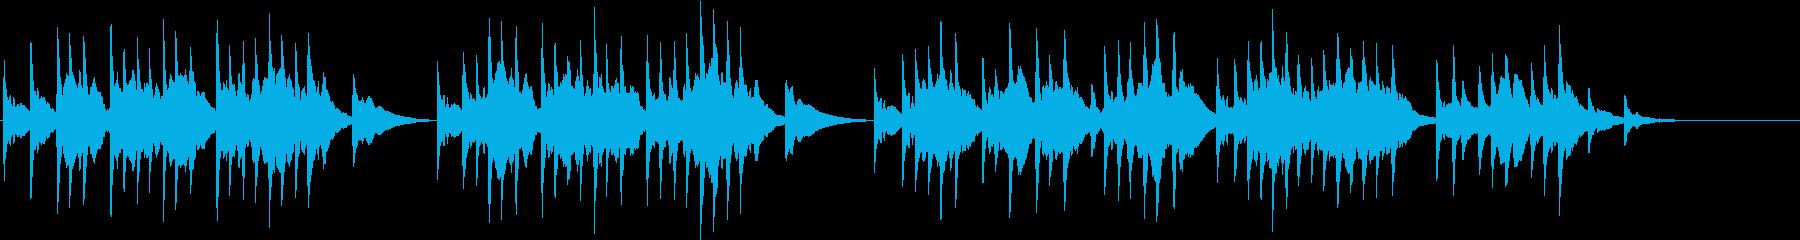 ソルベーグの歌  オルゴールの再生済みの波形